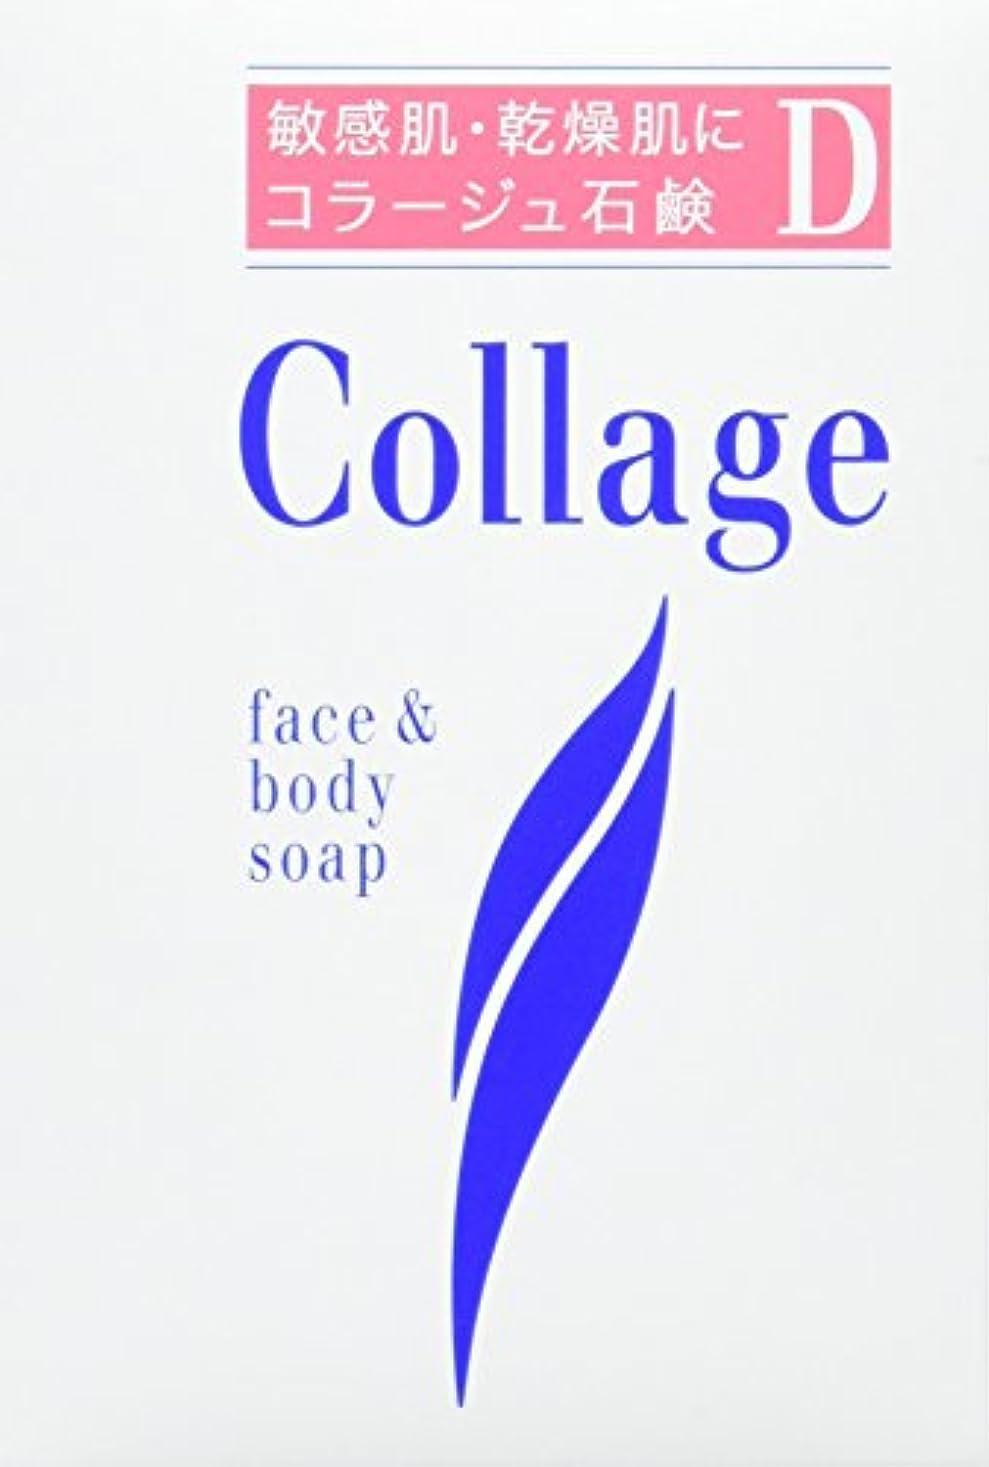 あいまいな苗ヒュームコラージュ D乾性肌用石鹸 100g